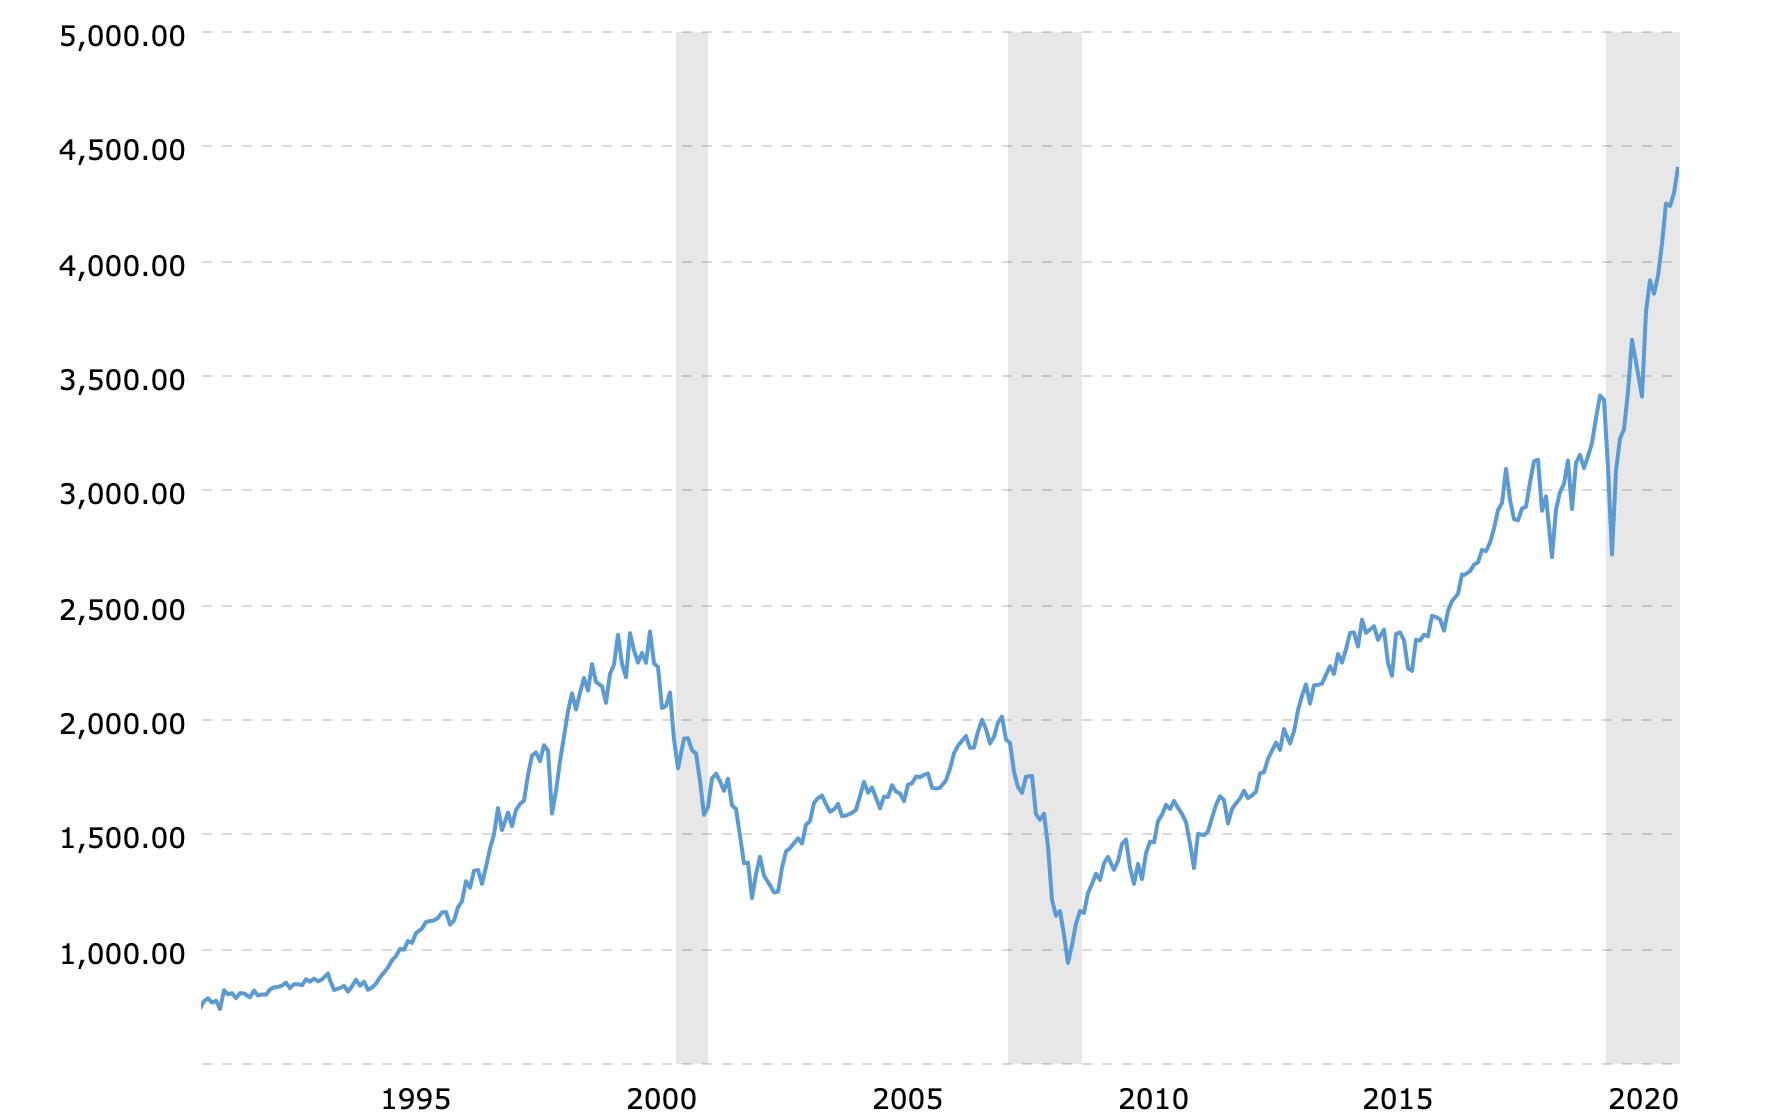 30 Year S&P 500 returns